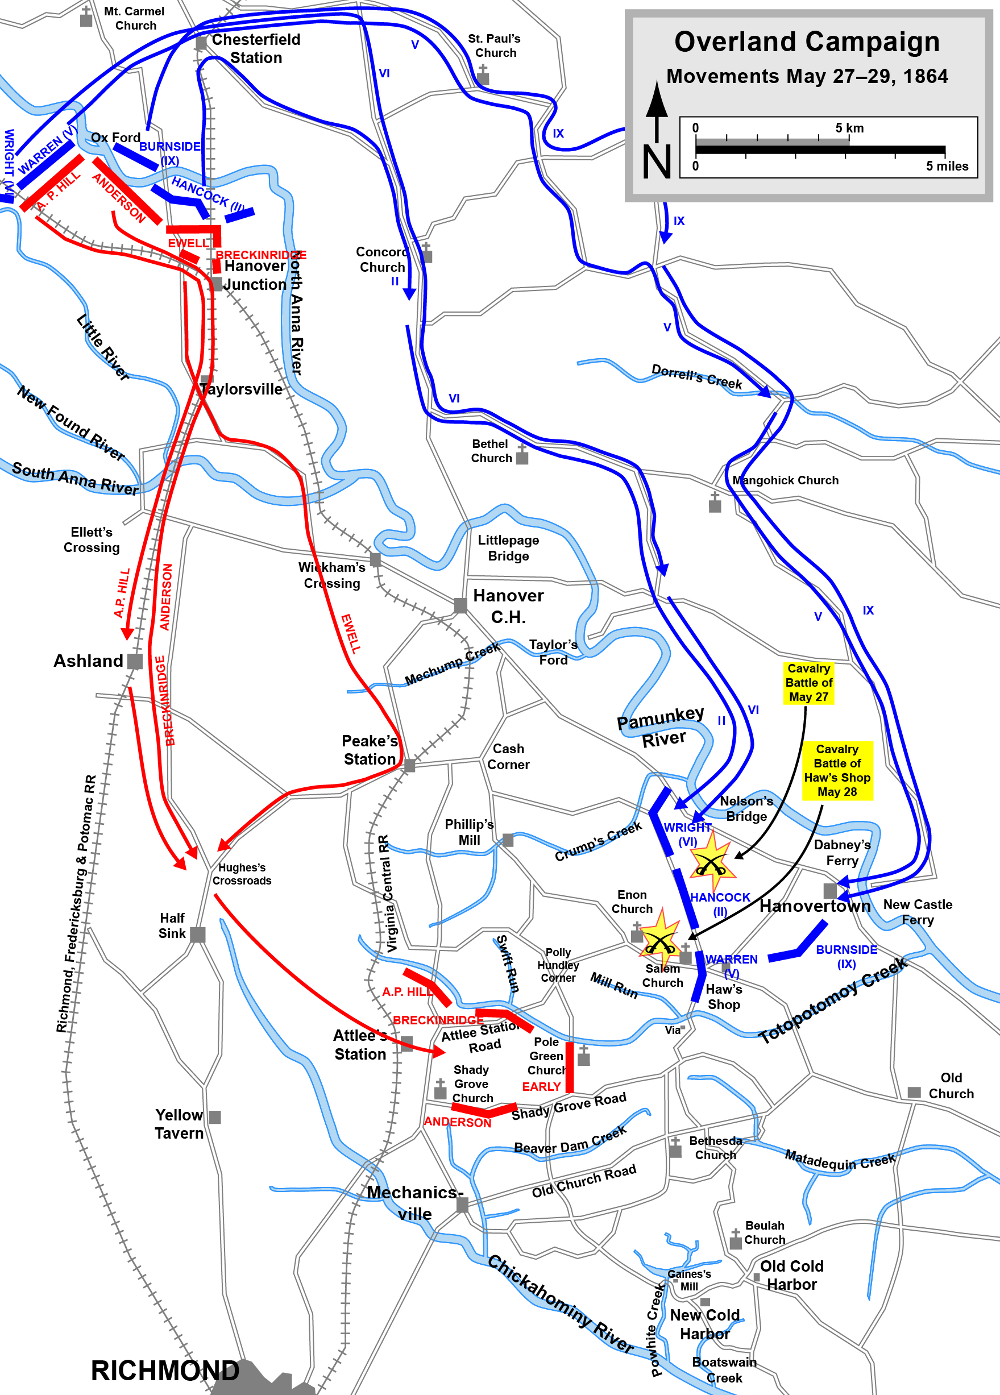 Map by Hal Jespersen, www.cwmaps.com